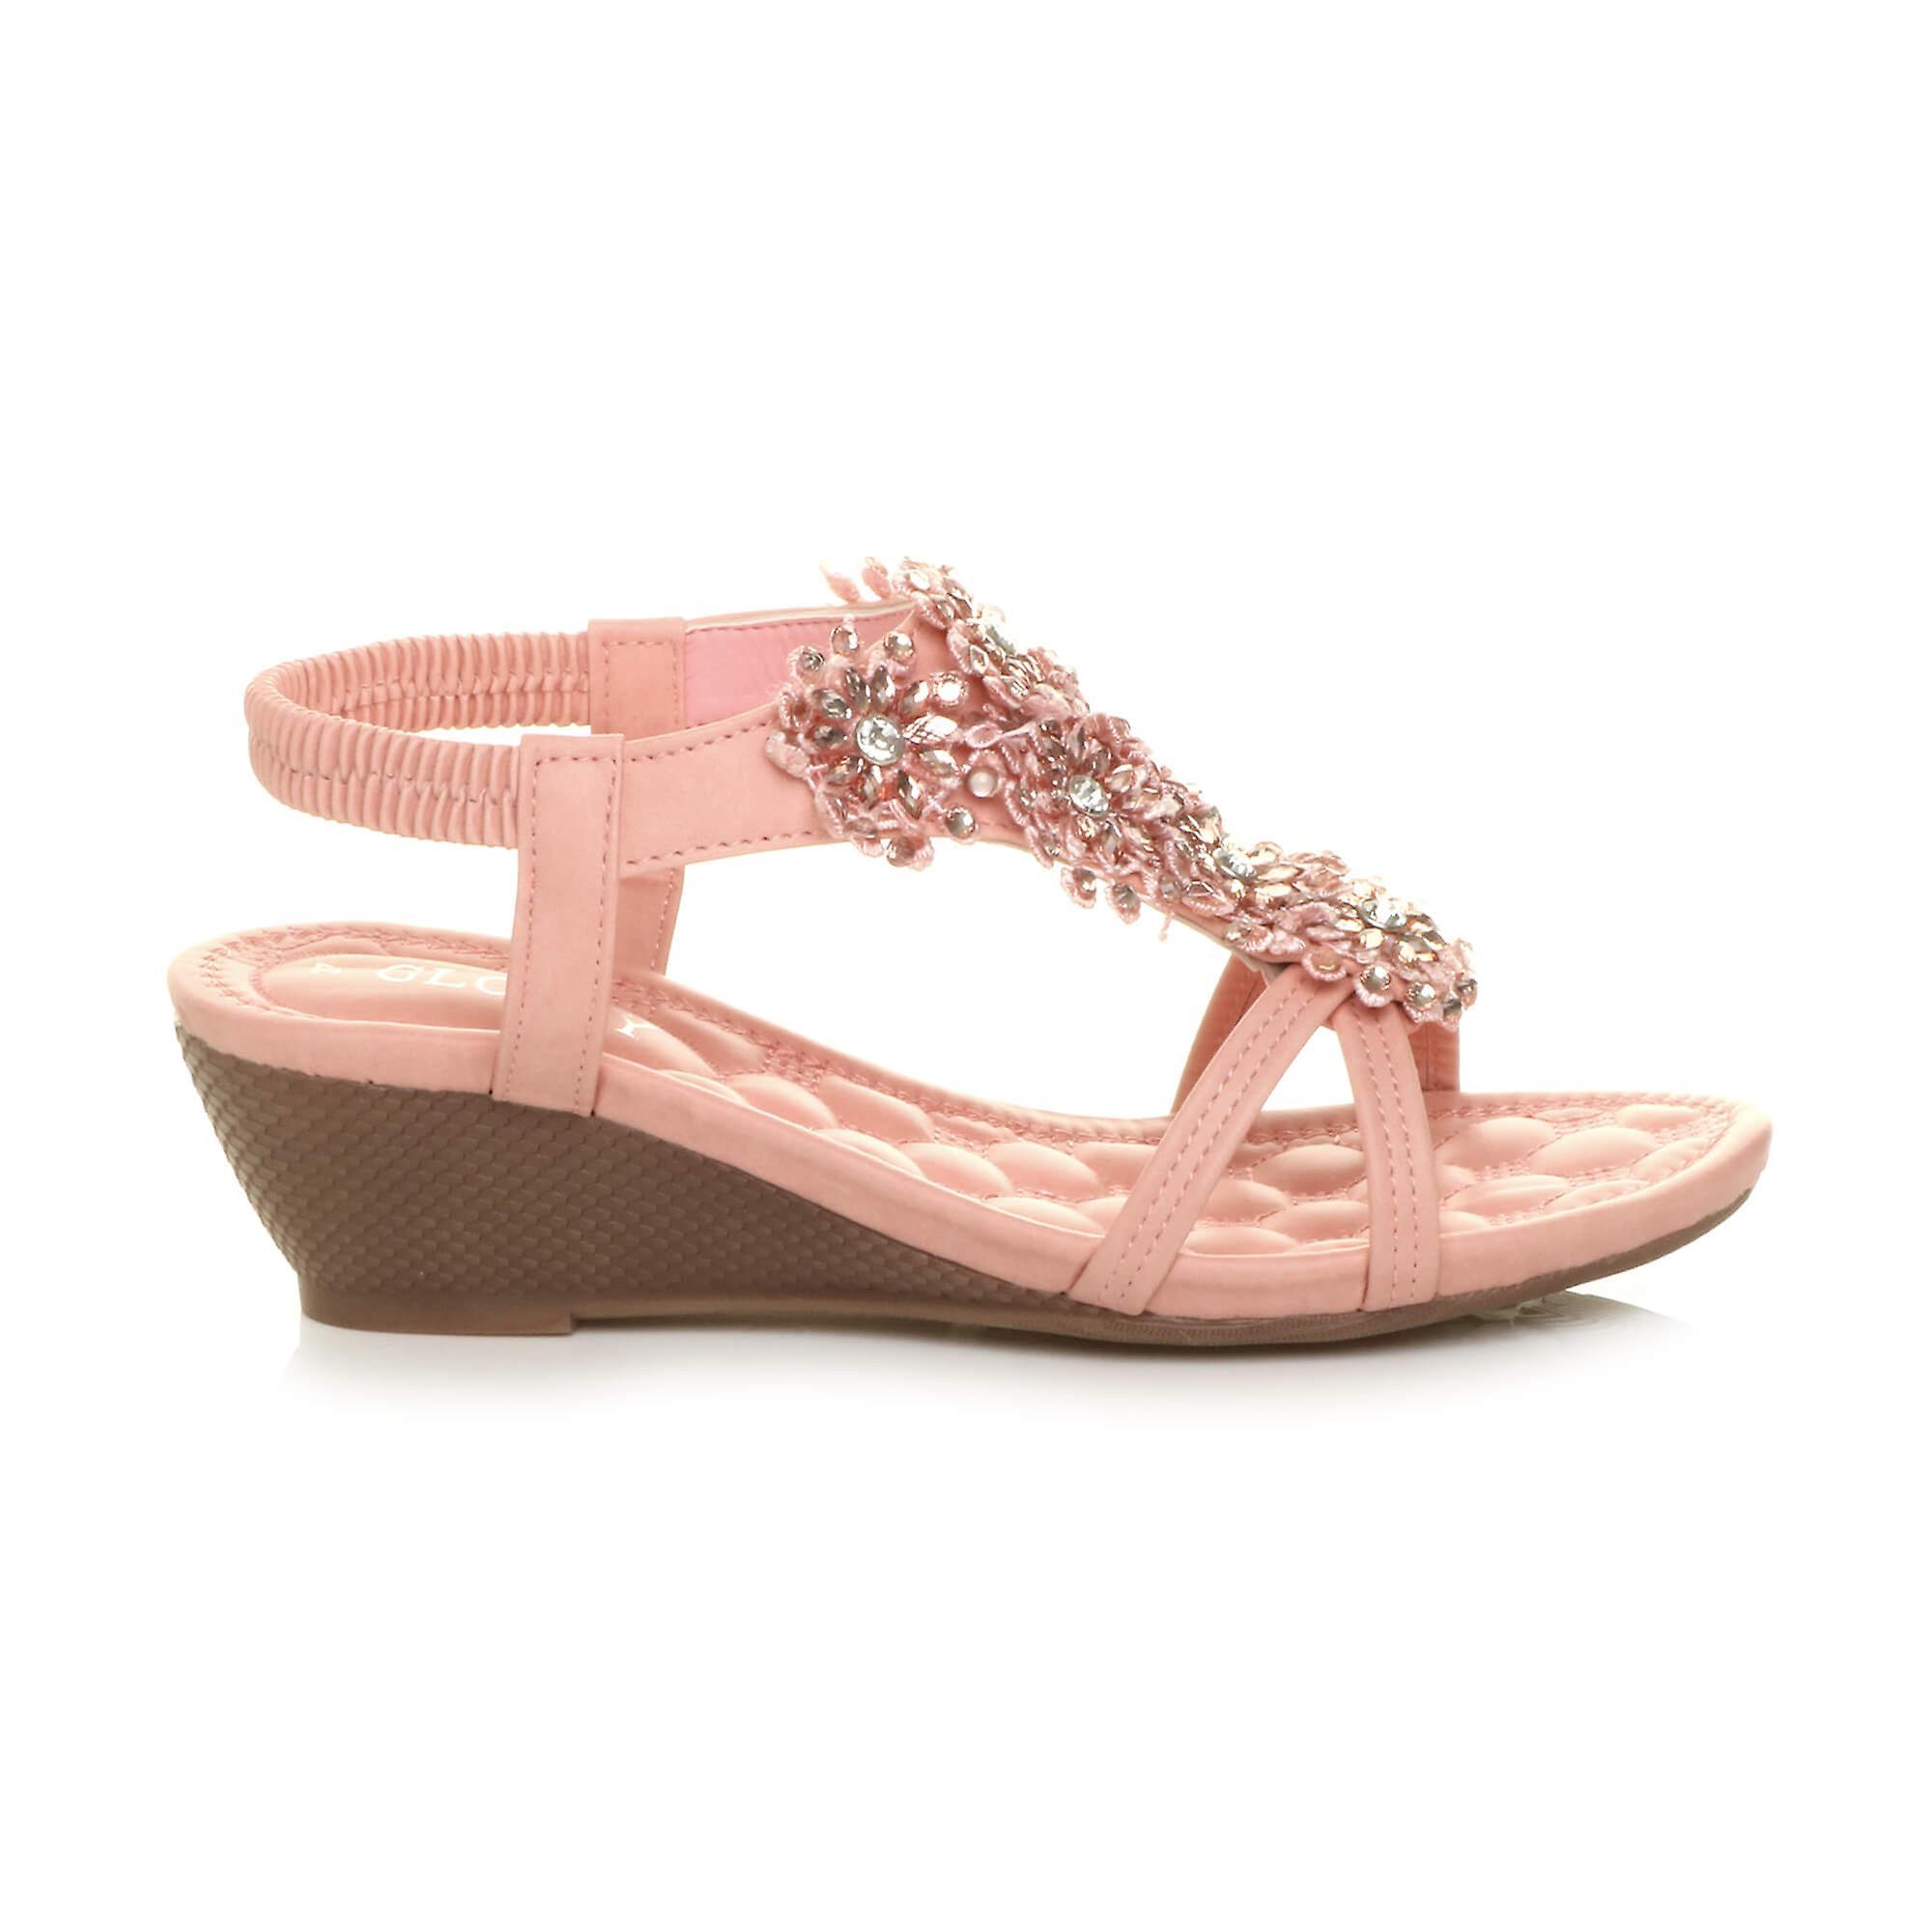 Ajvani damskie połowy wedge obcasa kwiat diamante t-bar strappy slingback sandały Q9Don